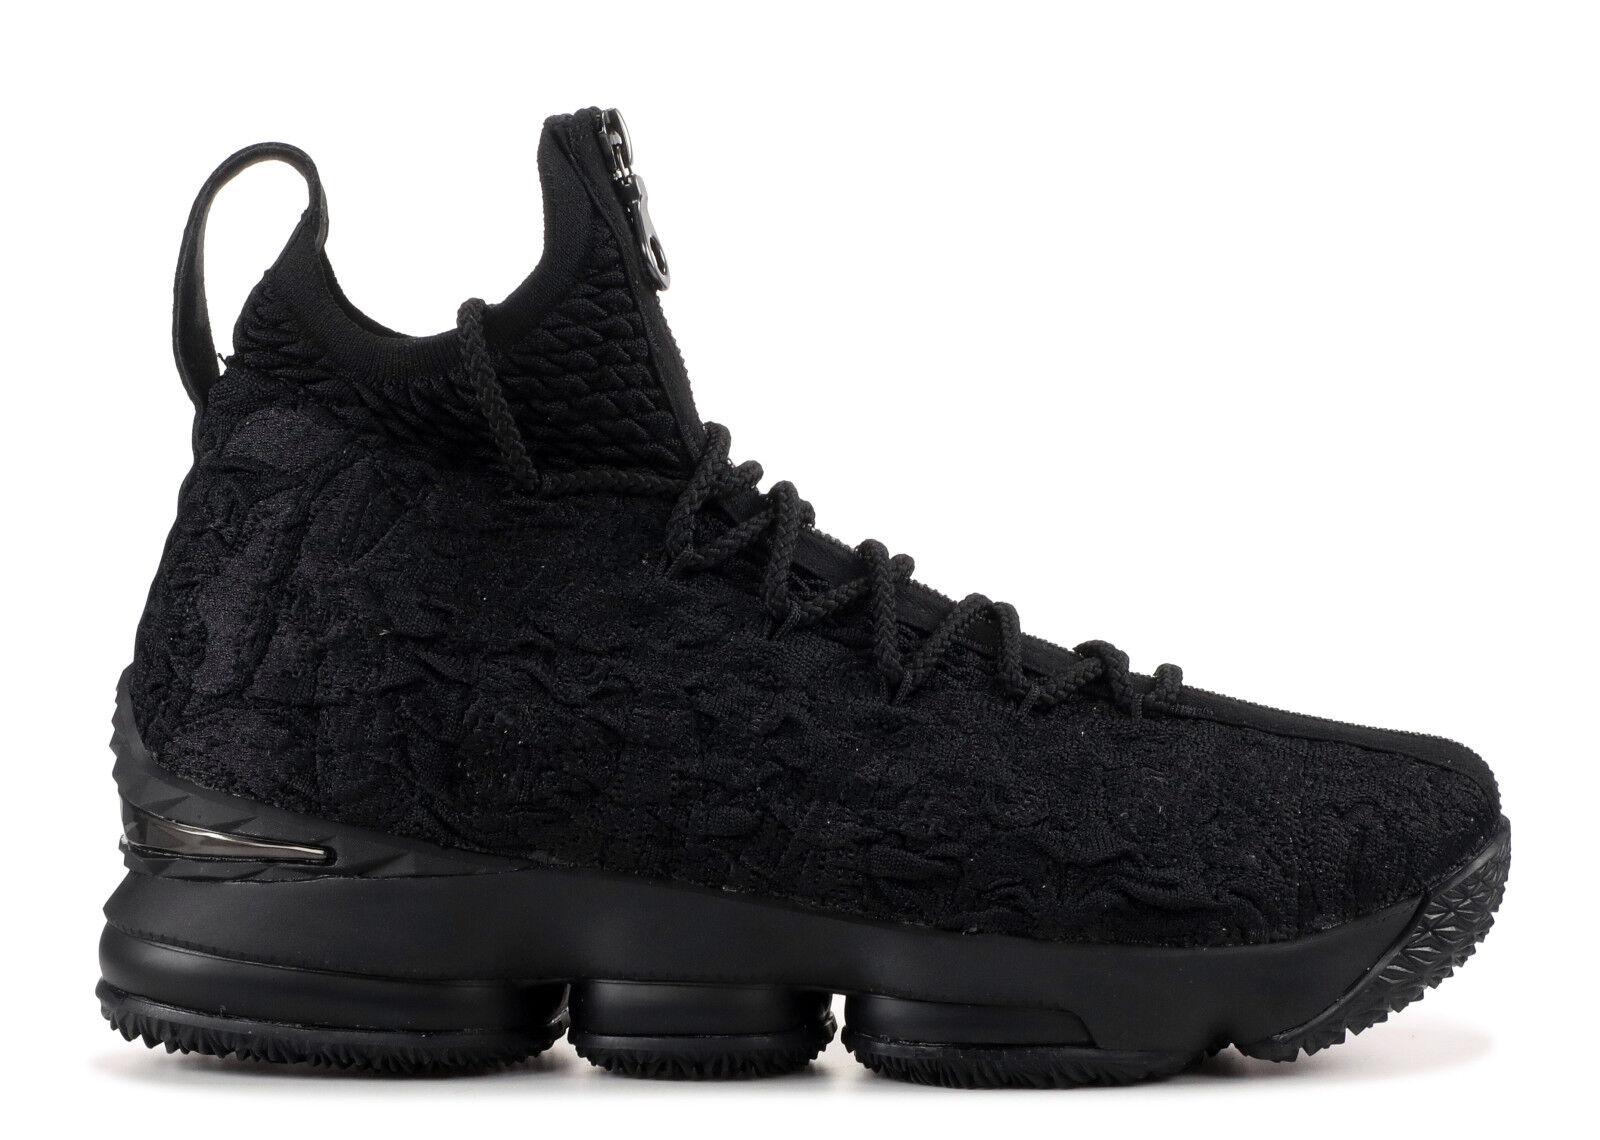 outlet store 5ae21 34822 ... precios, beneficios de descuentos,. Nike Nike Nike LeBron 15 XV Kith  Ronnie FIEG PERF armadura negro comodos zapatos para hombres